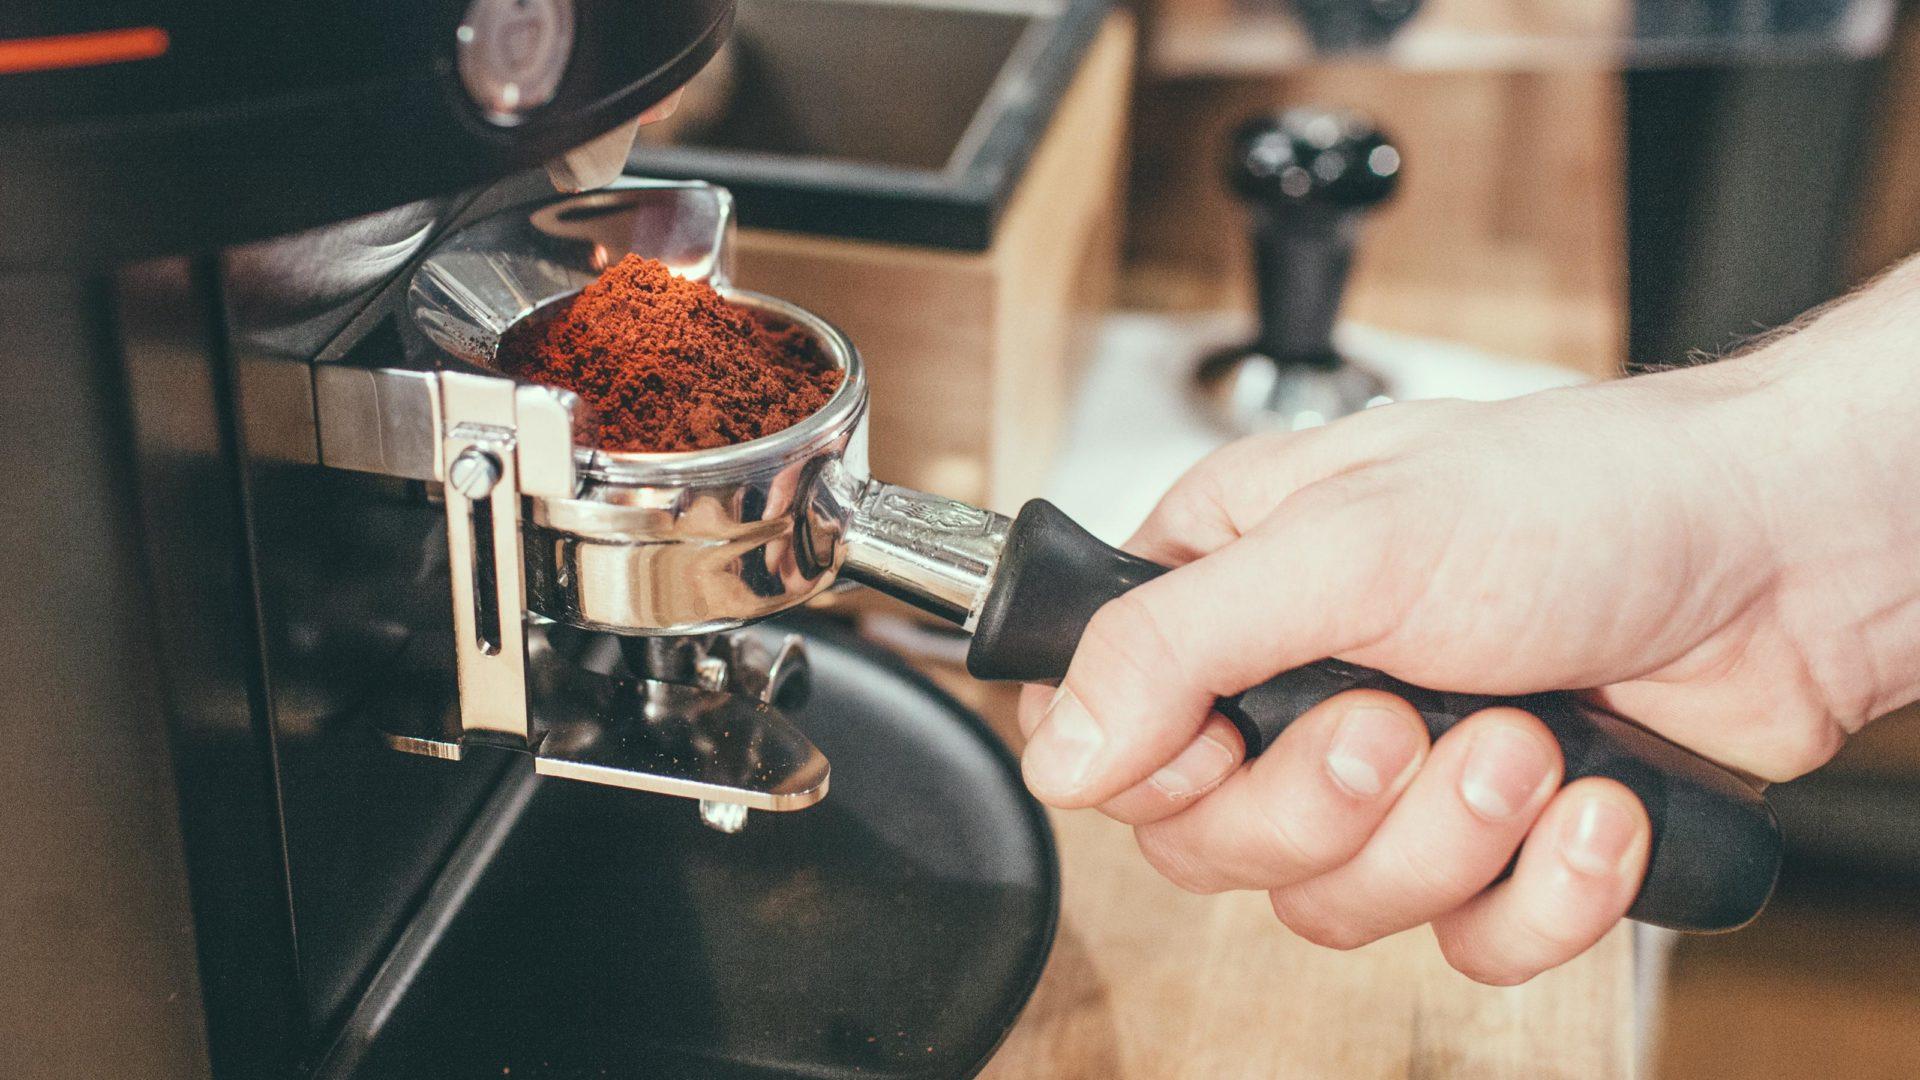 Tổng hợp các máy xay cà phê cho quán dưới 20 triệu đồng